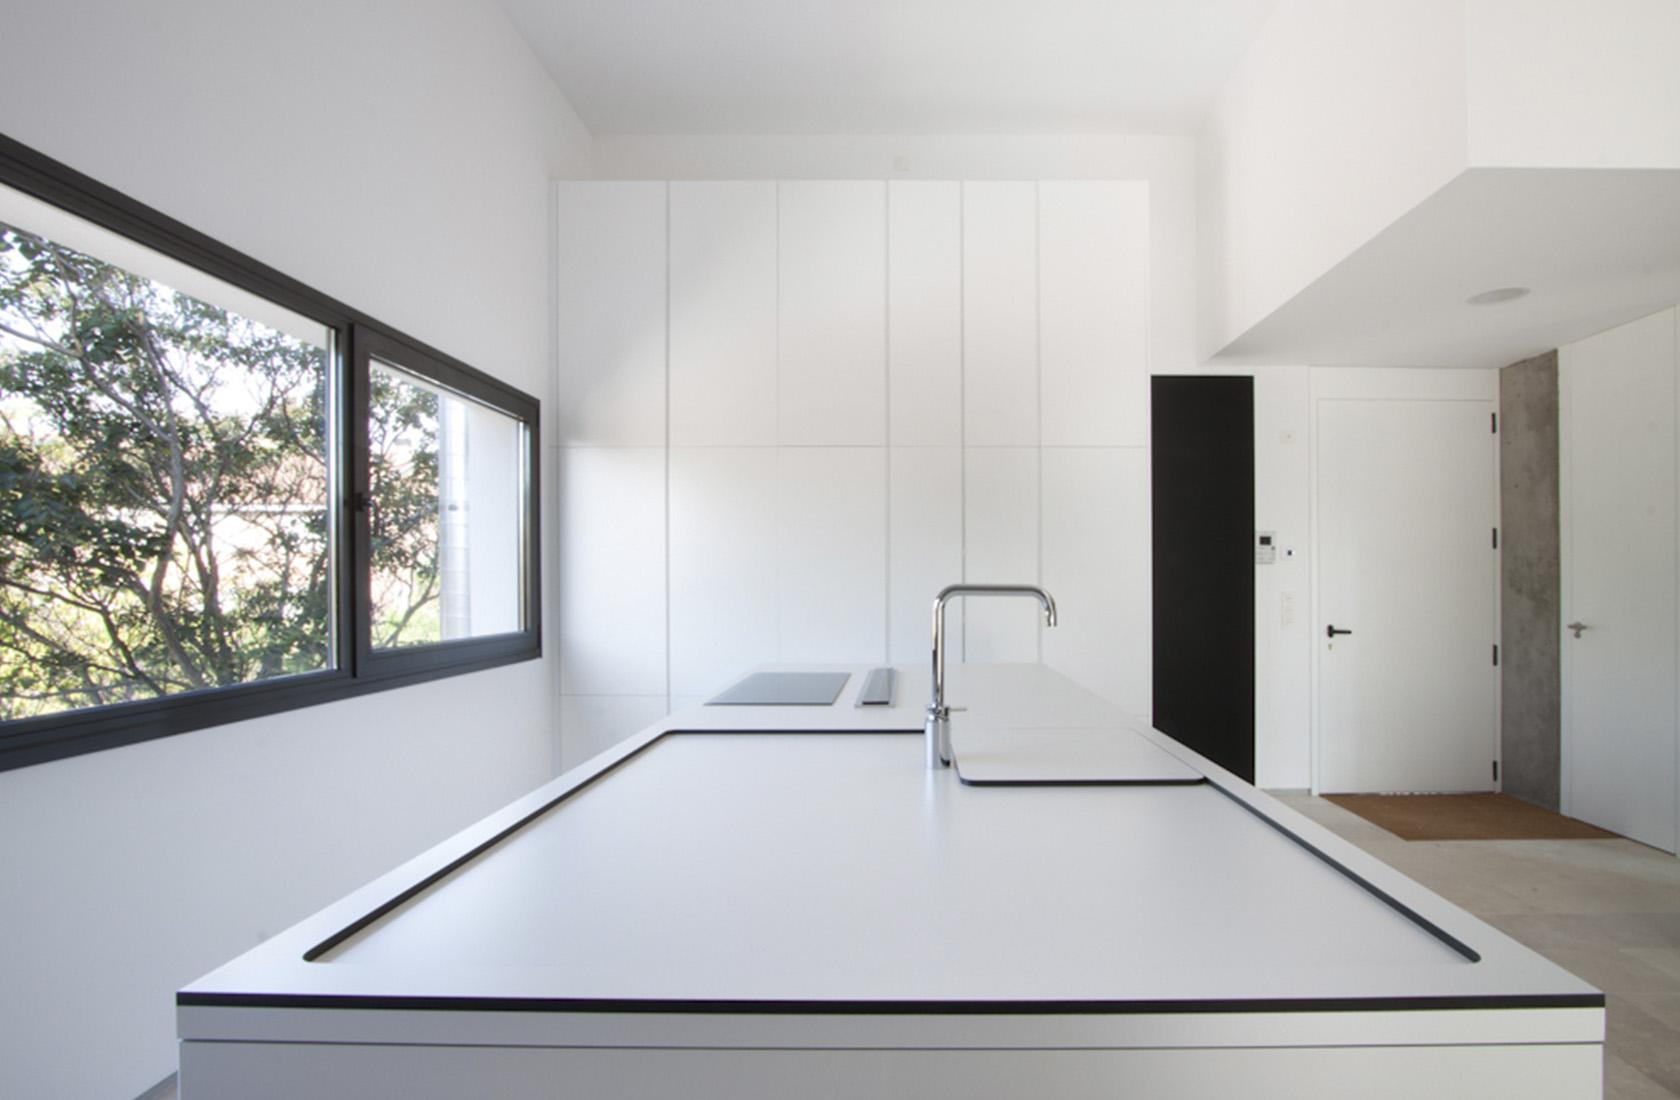 Promocion viviendas aravaca cocina